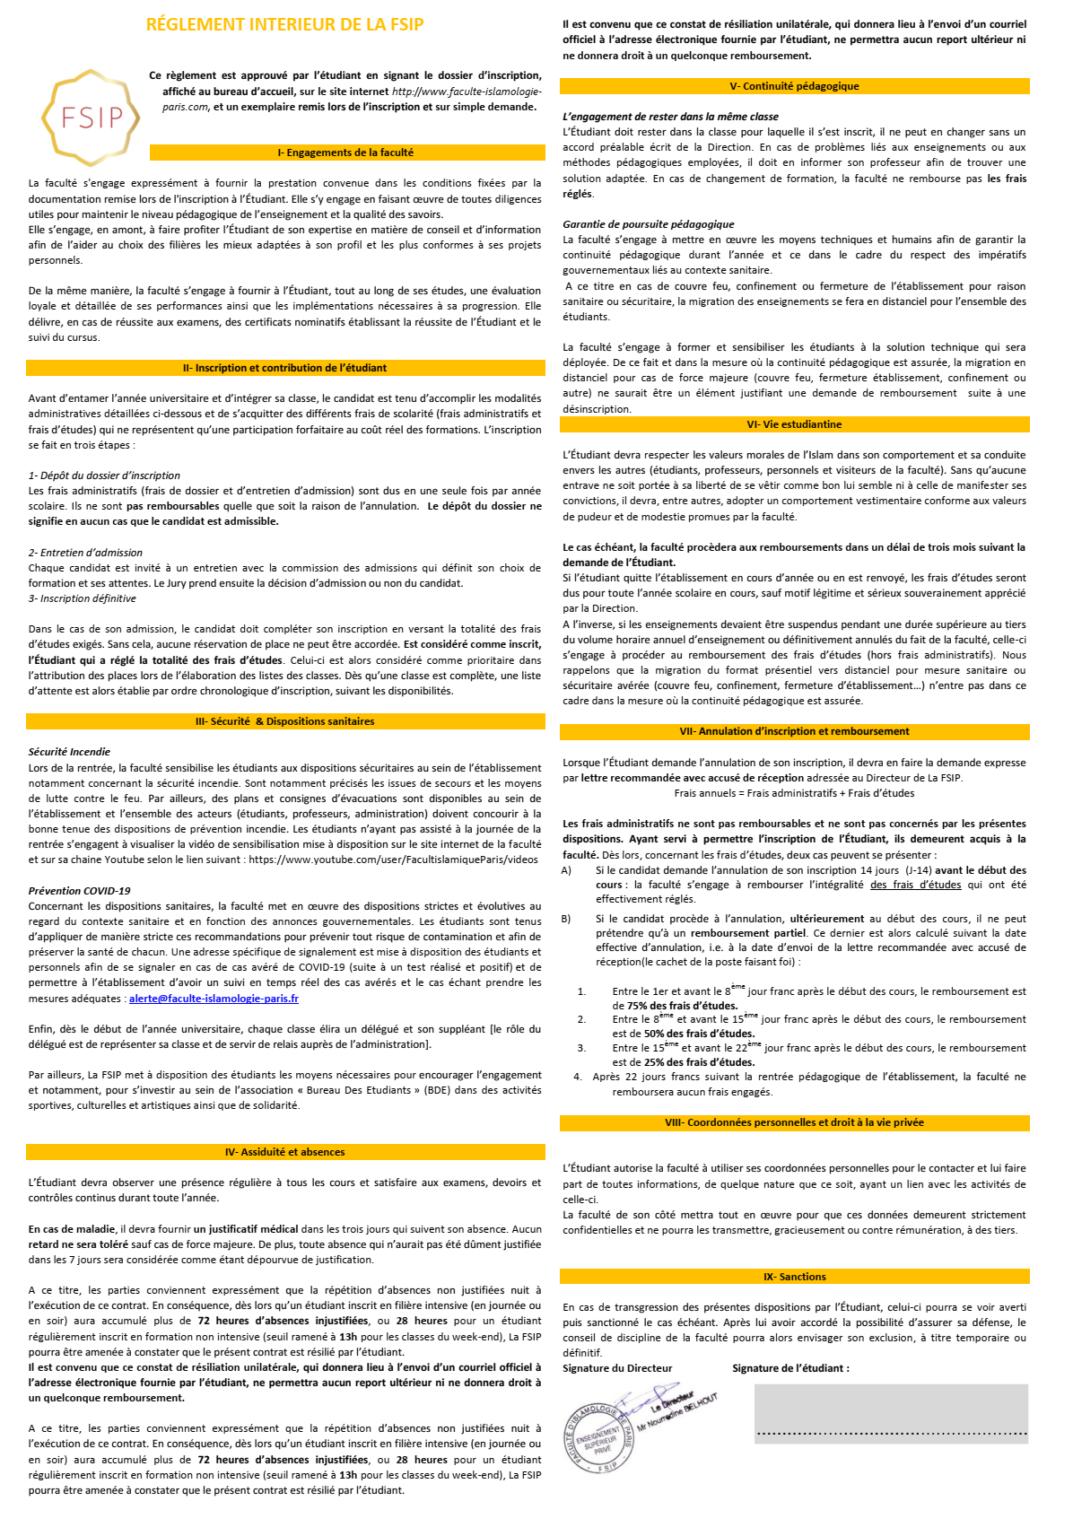 règlement intérieur FSIP